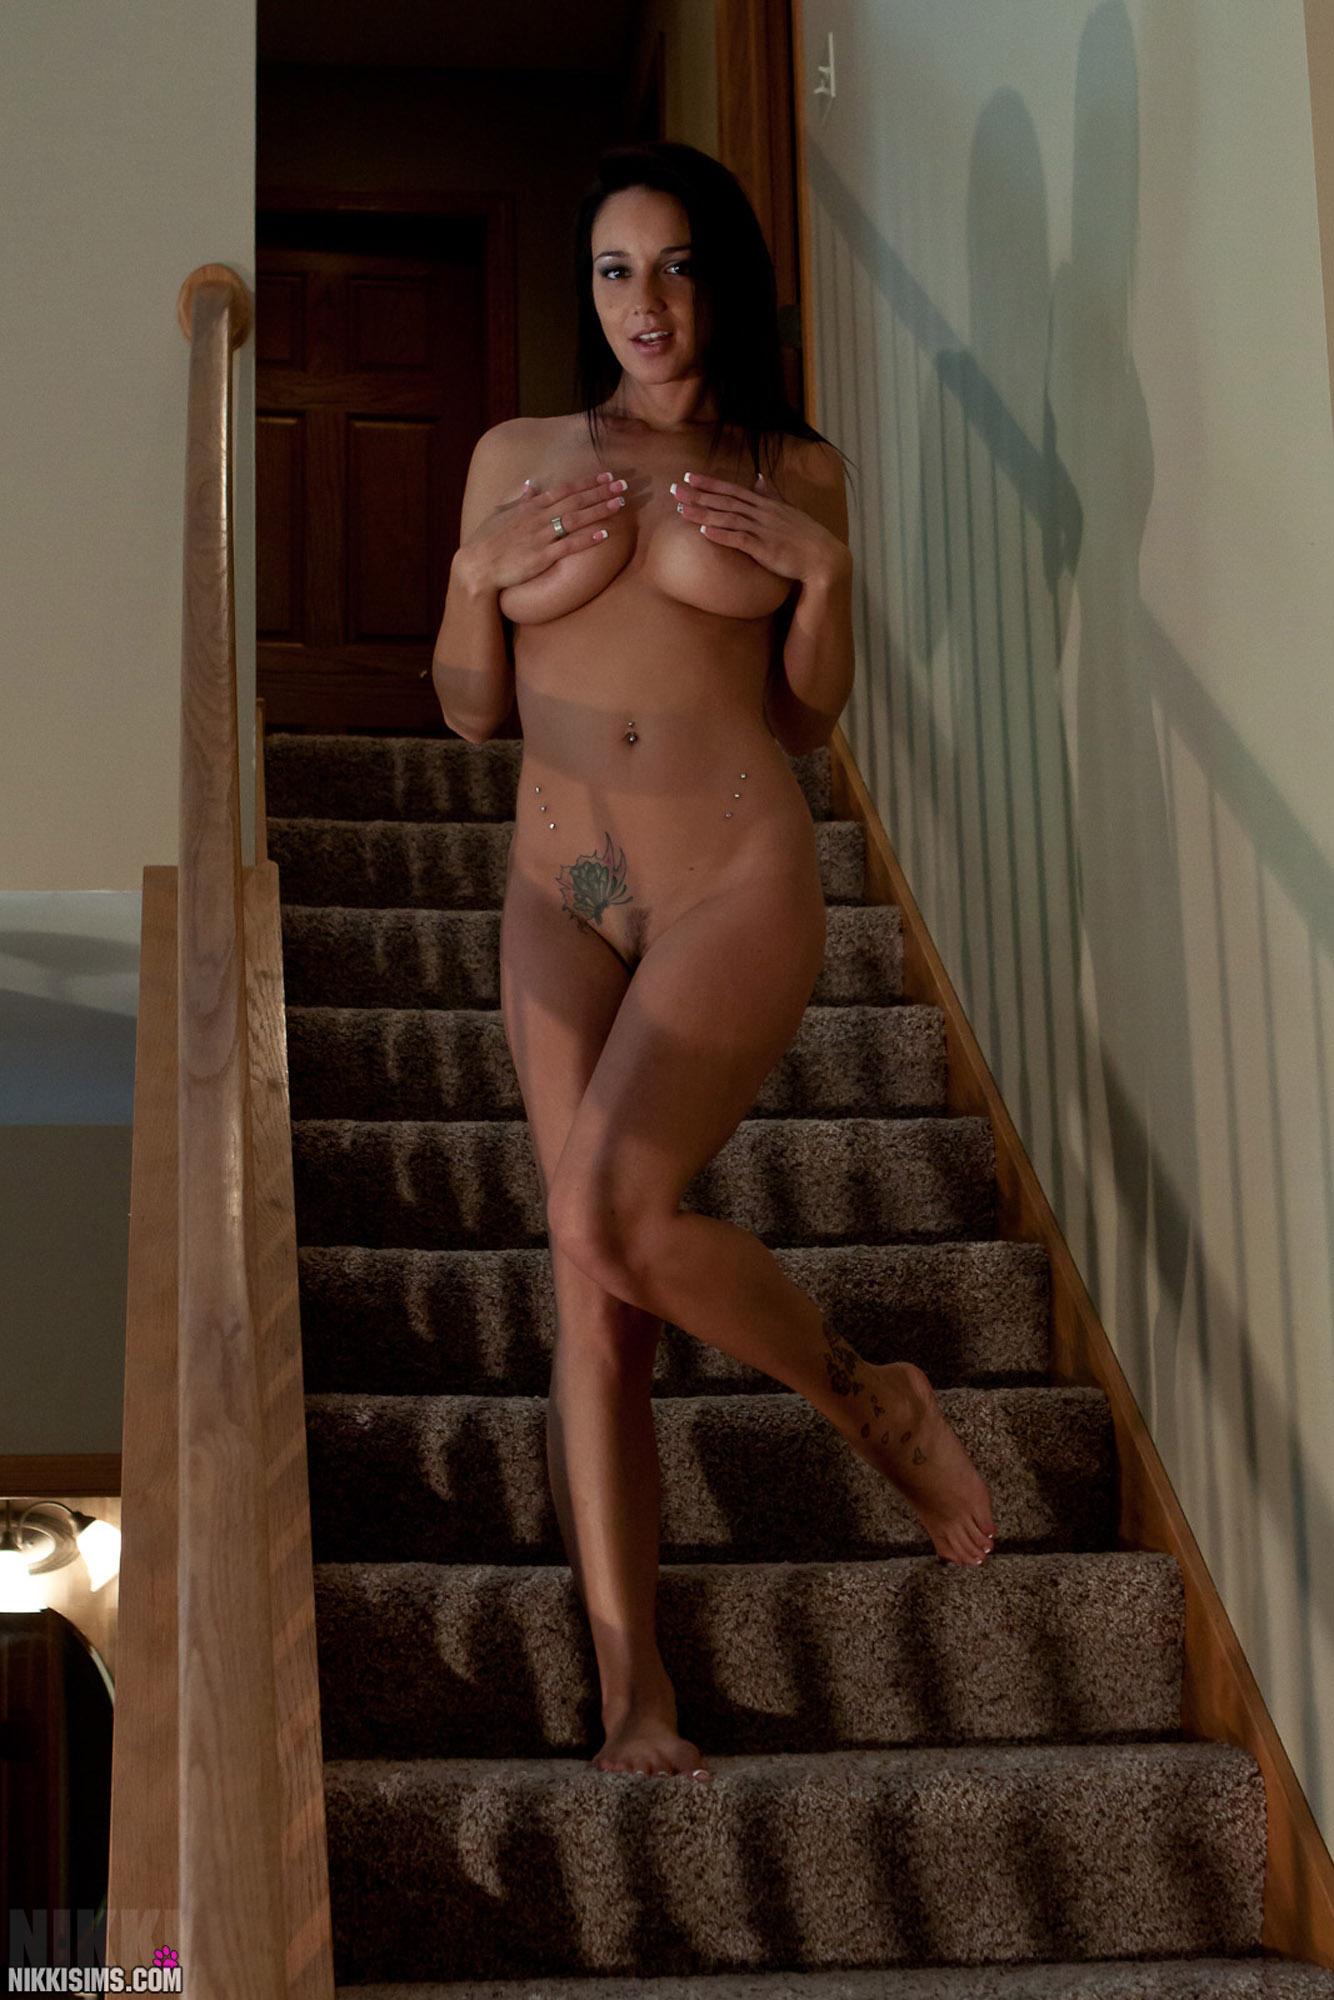 Nikki sims extreme naked hentay photos